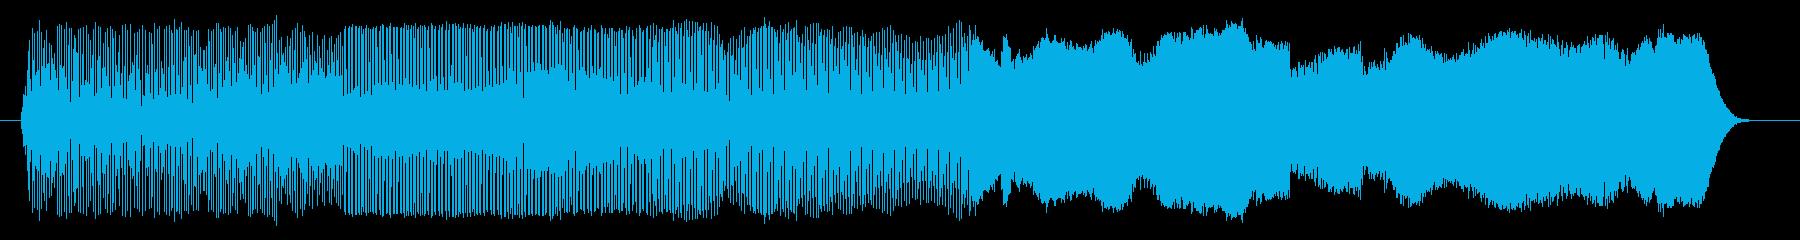 機械 スクリーミングシンセシーケン...の再生済みの波形